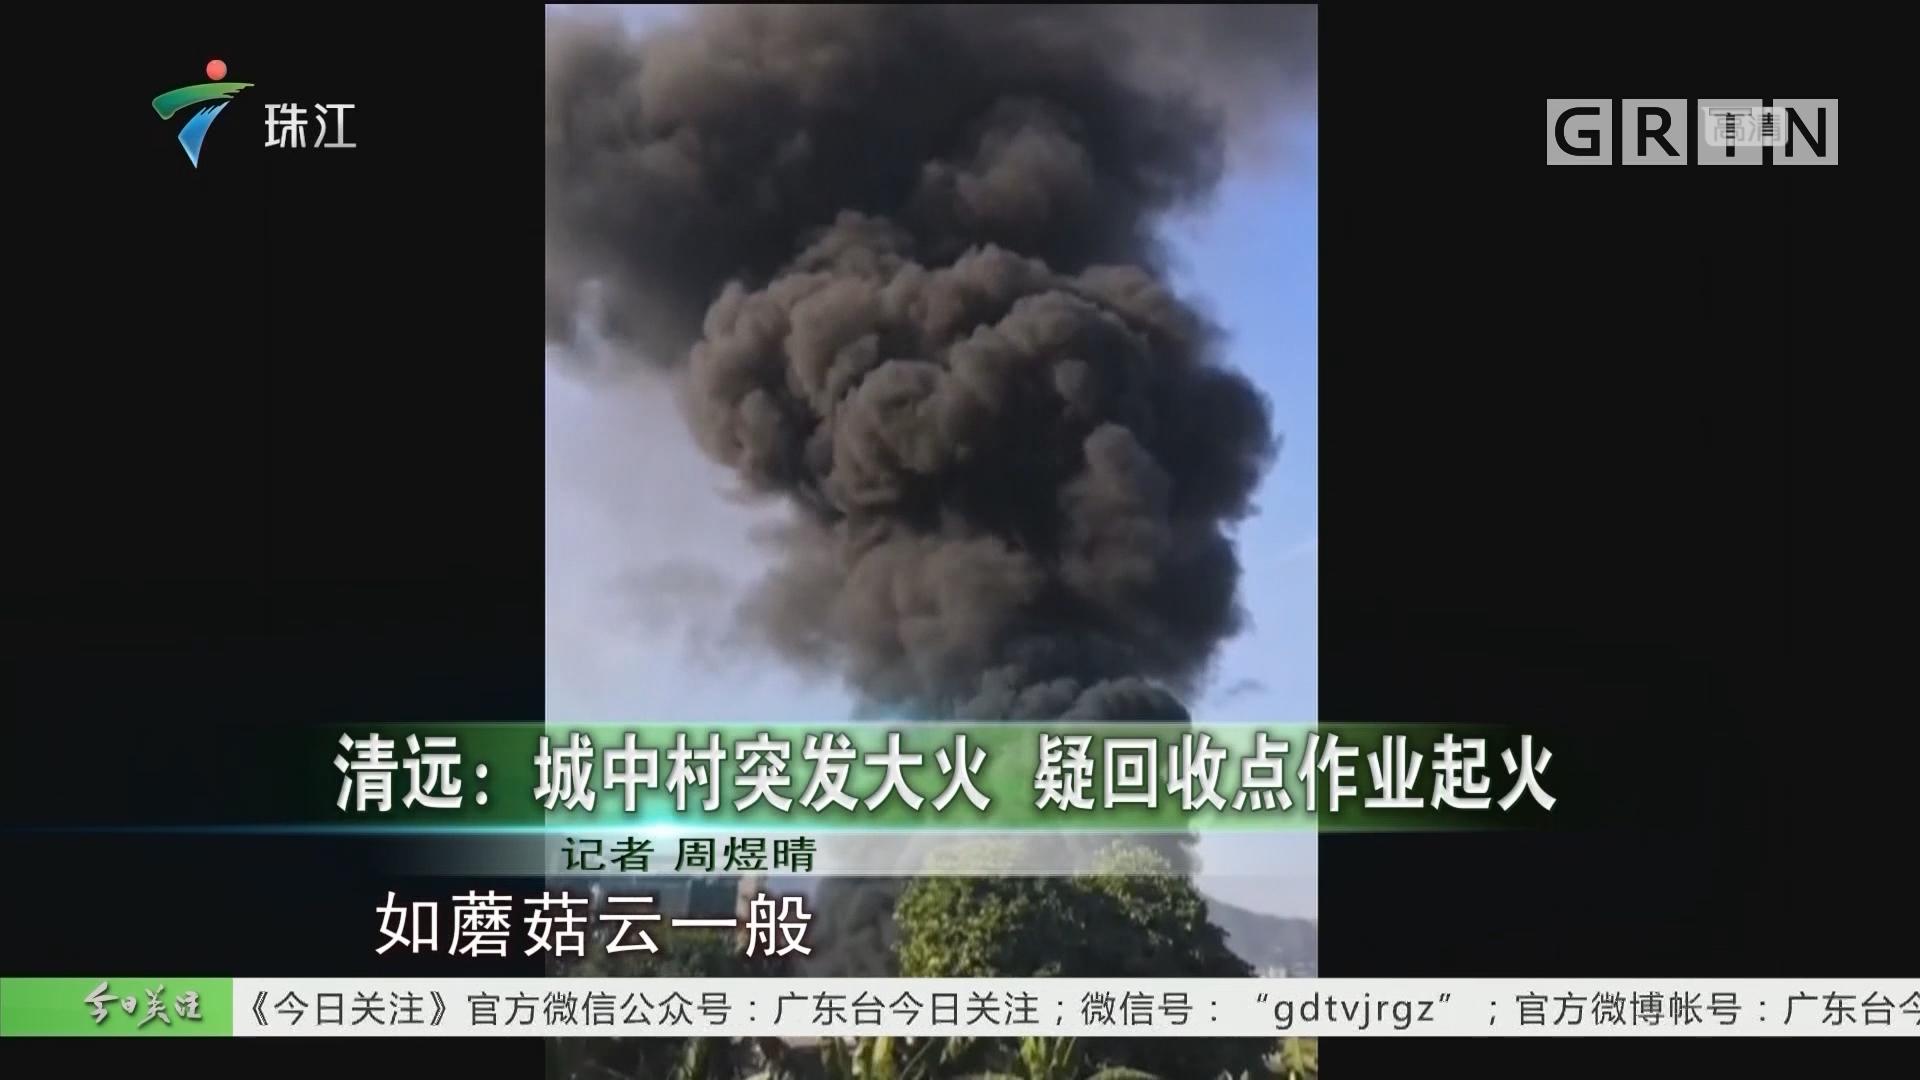 清远:城中村突发大火 疑回收点作业起火